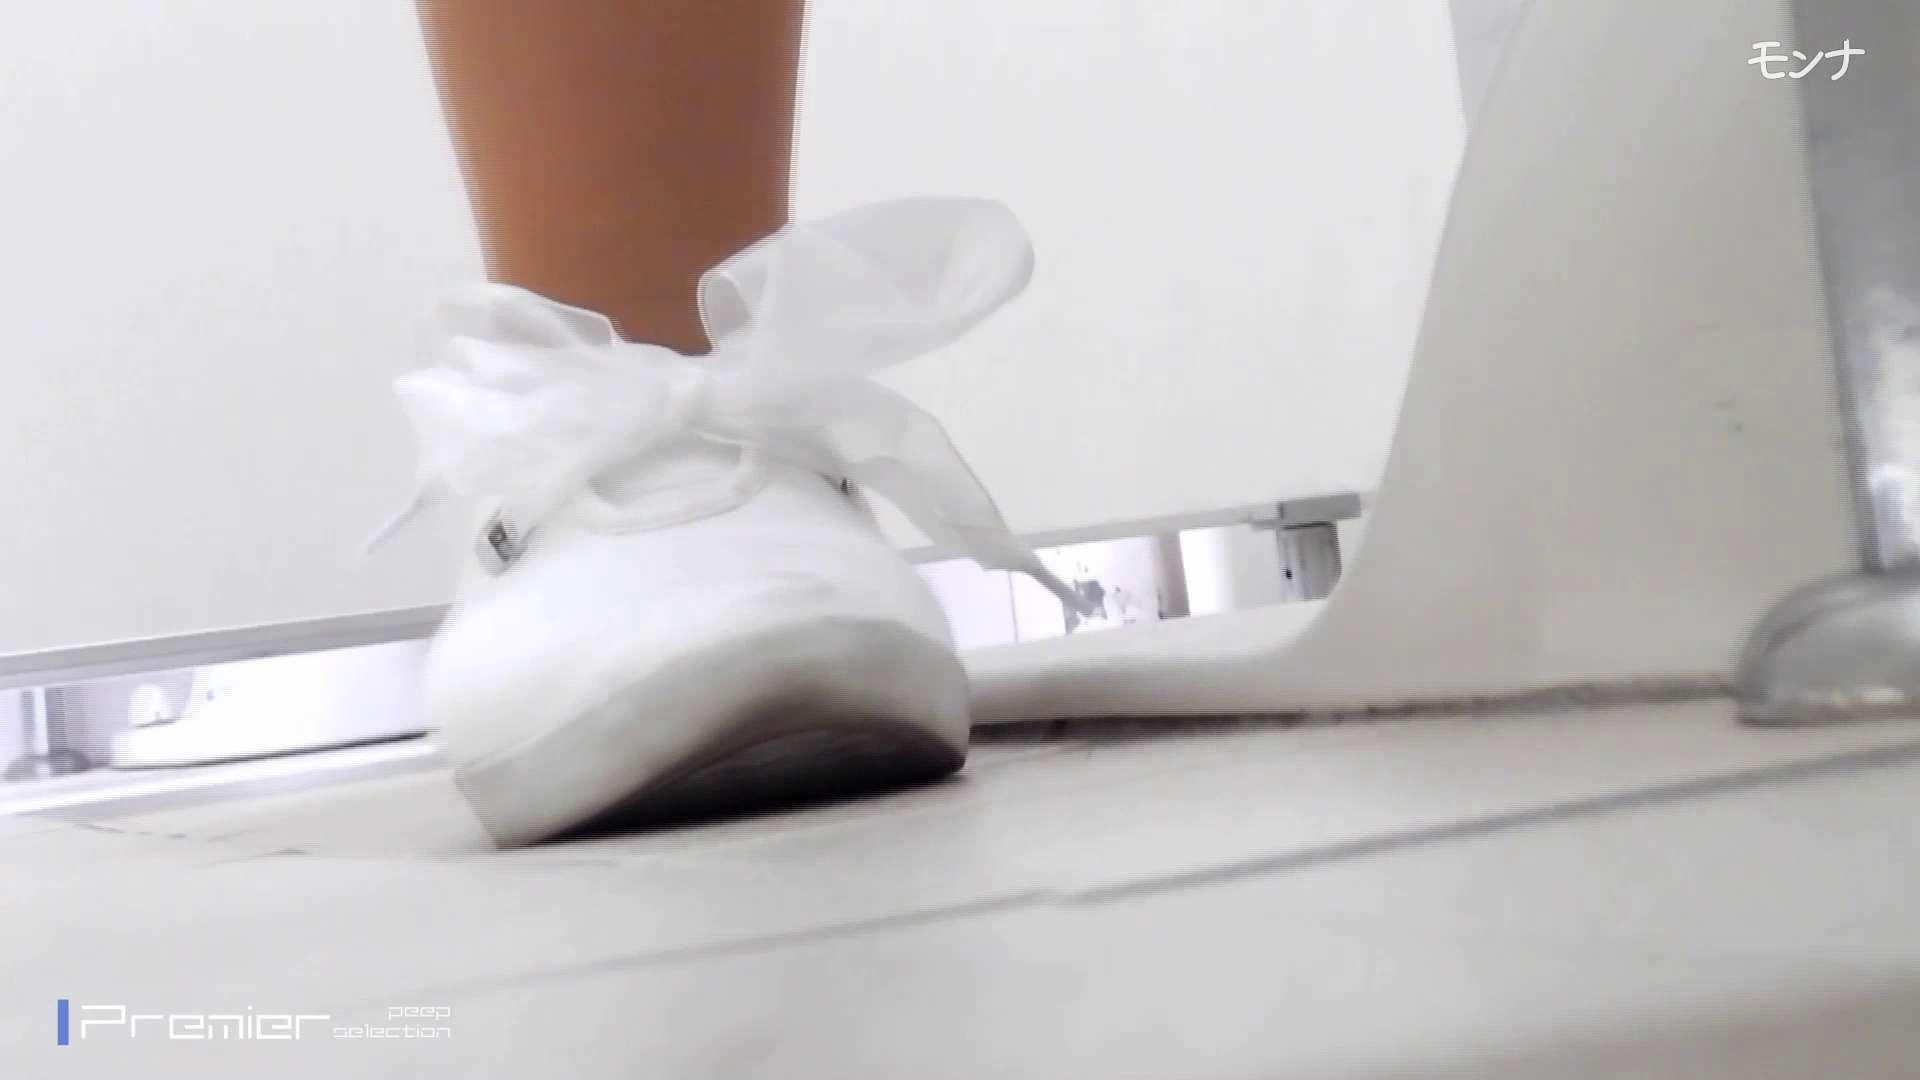 美しい日本の未来 No.61 洗面所 アダルト動画キャプチャ 68画像 23